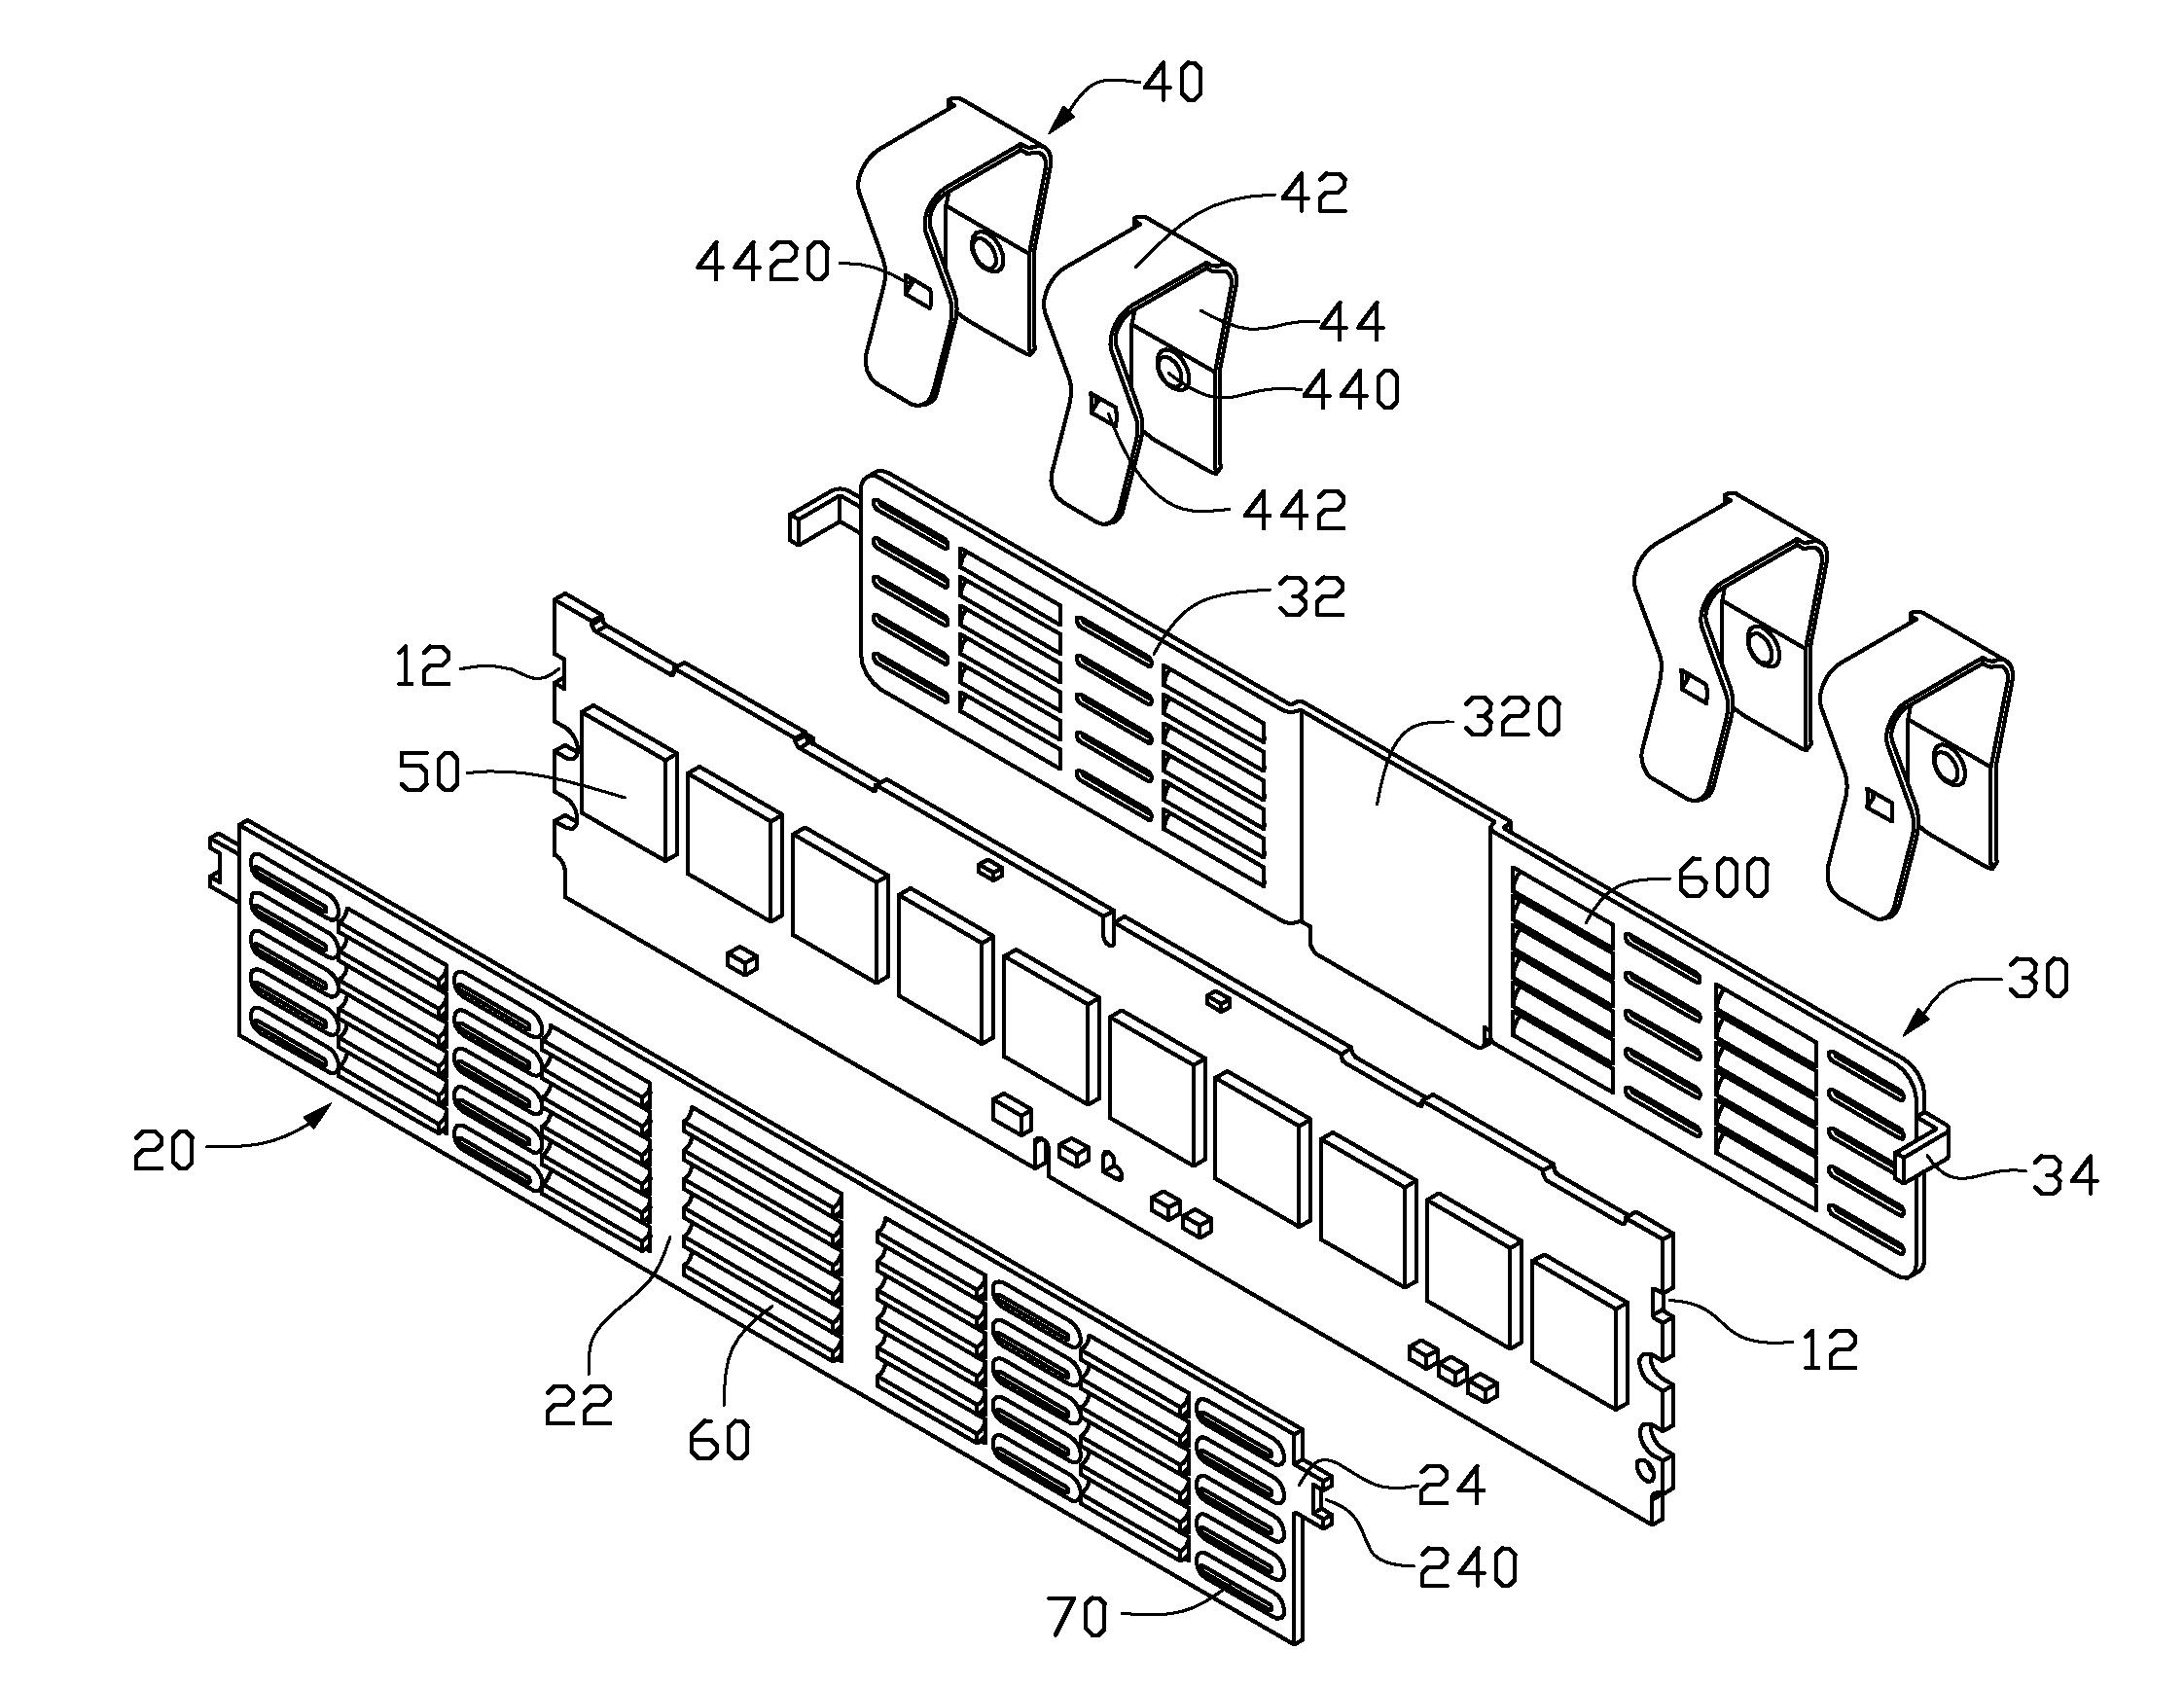 patent us7684197